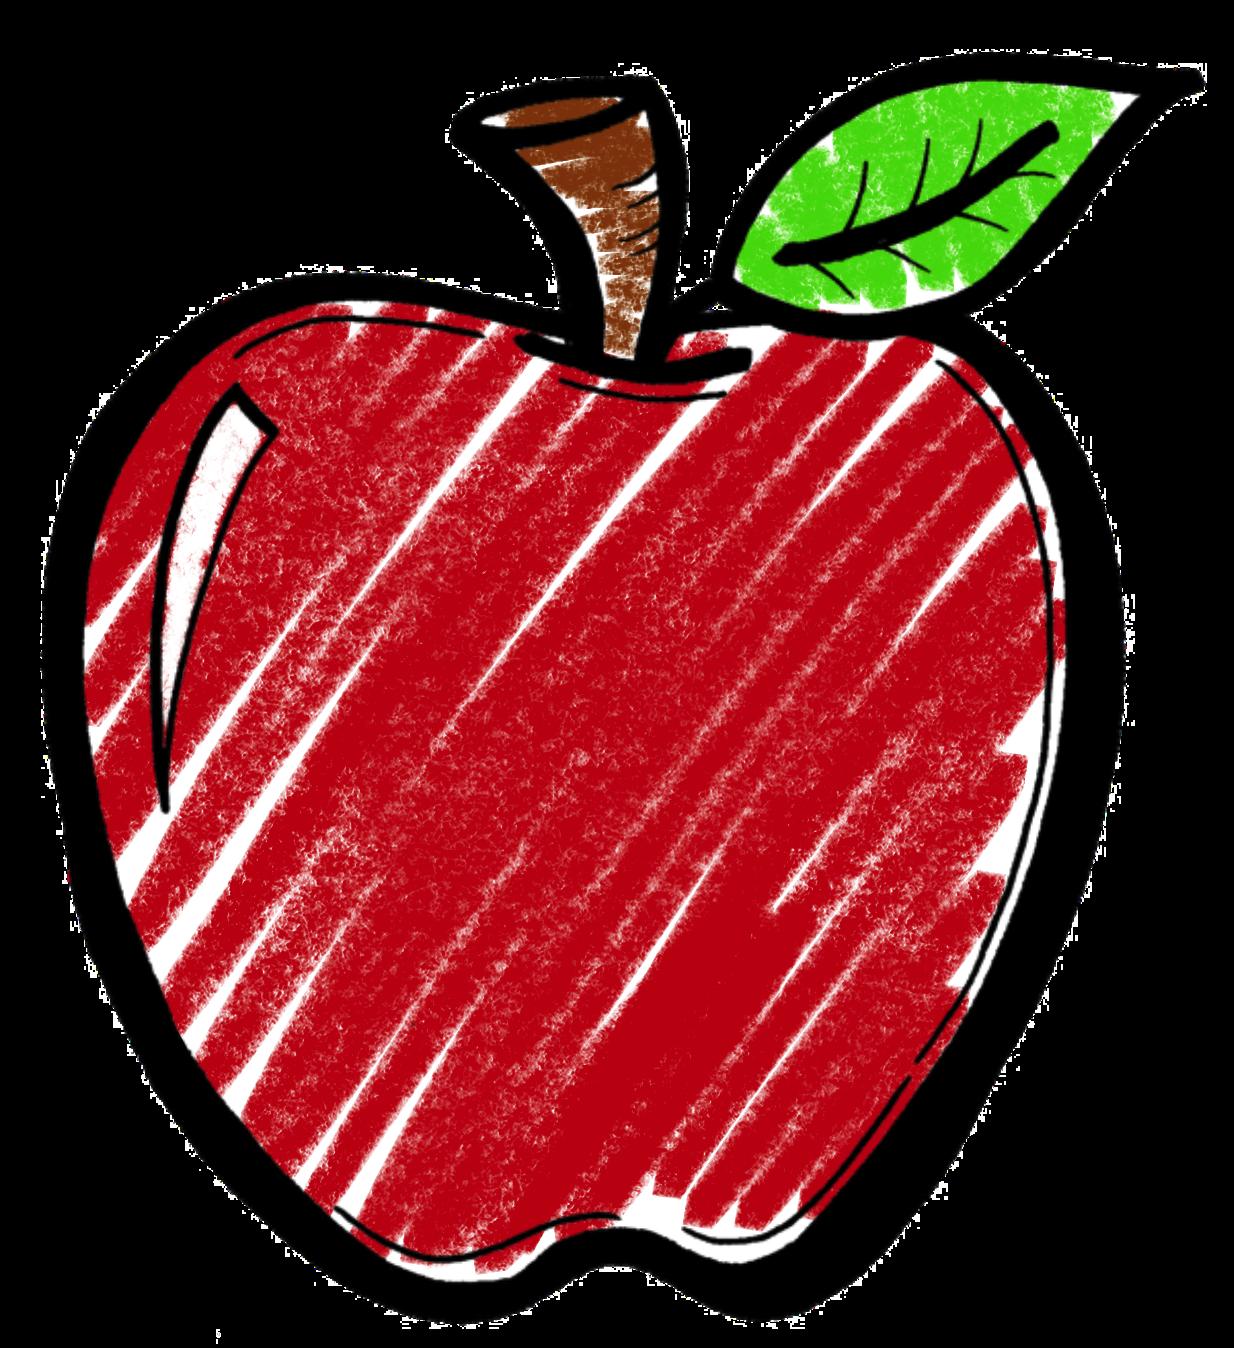 Apple chalkboard clipart jpg royalty free Apple Clipart Chalkboard #2311359 jpg royalty free